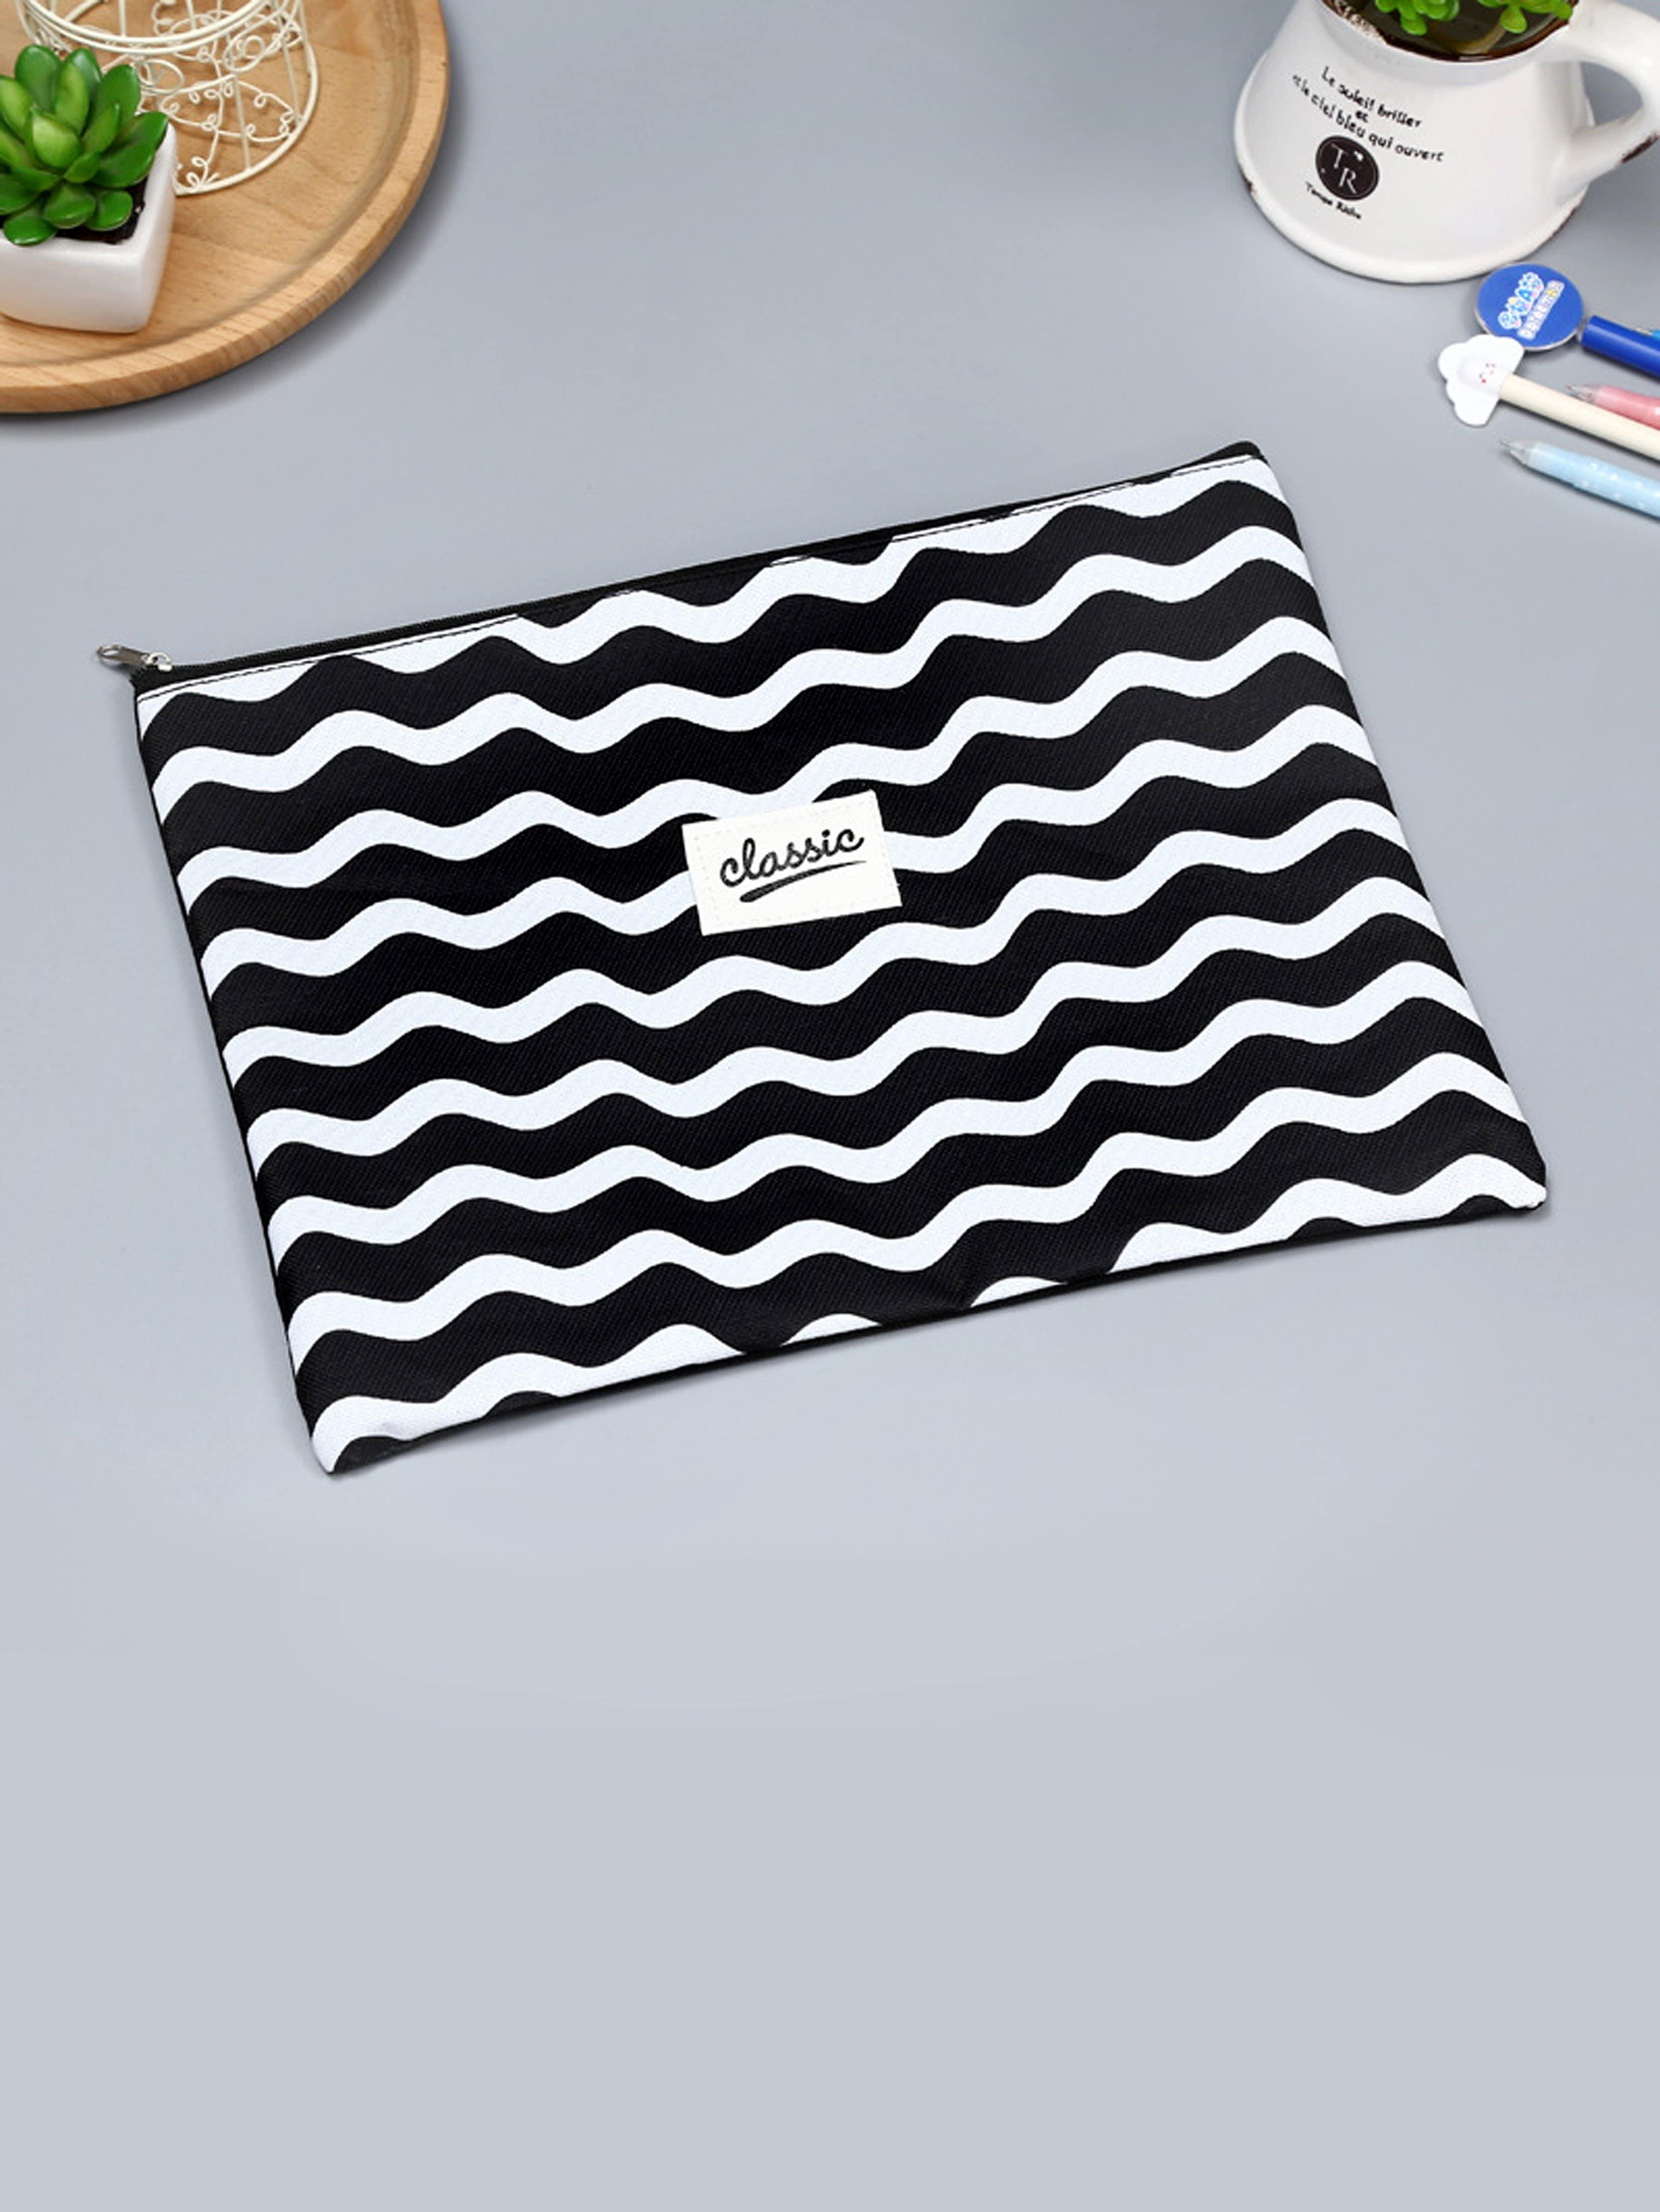 Zigzag Stripe Zipper File Holder zigzag stripe zipper file holder